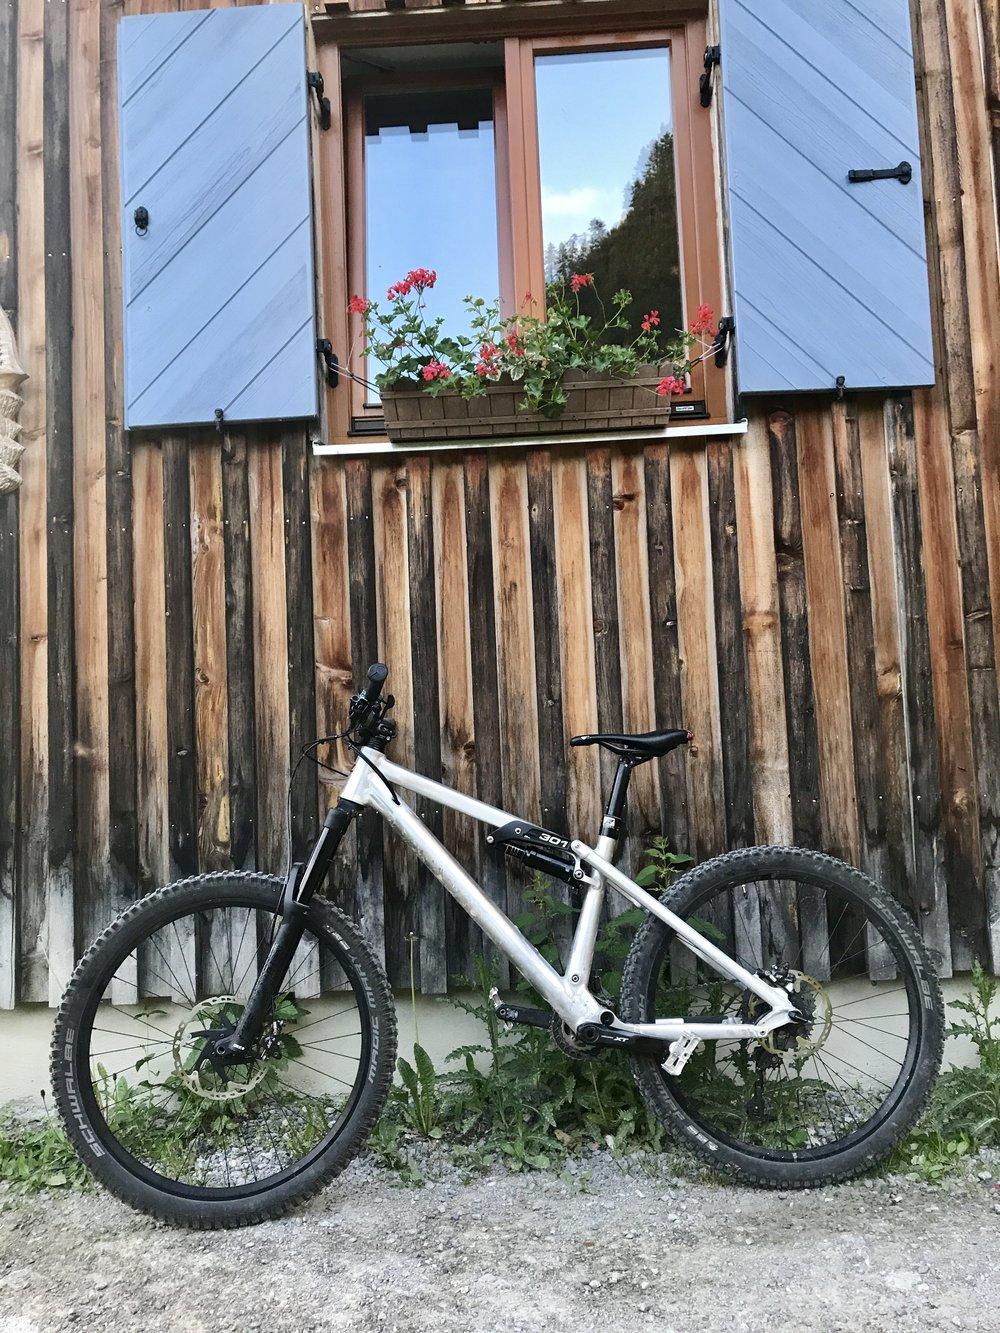 Mein Radl ist ready to roll!